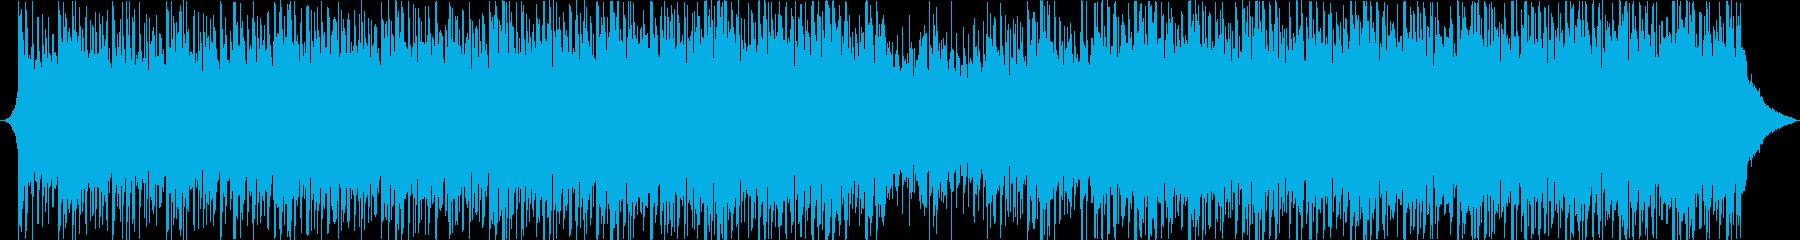 感フリーなアンビエントハウスミュージックの再生済みの波形